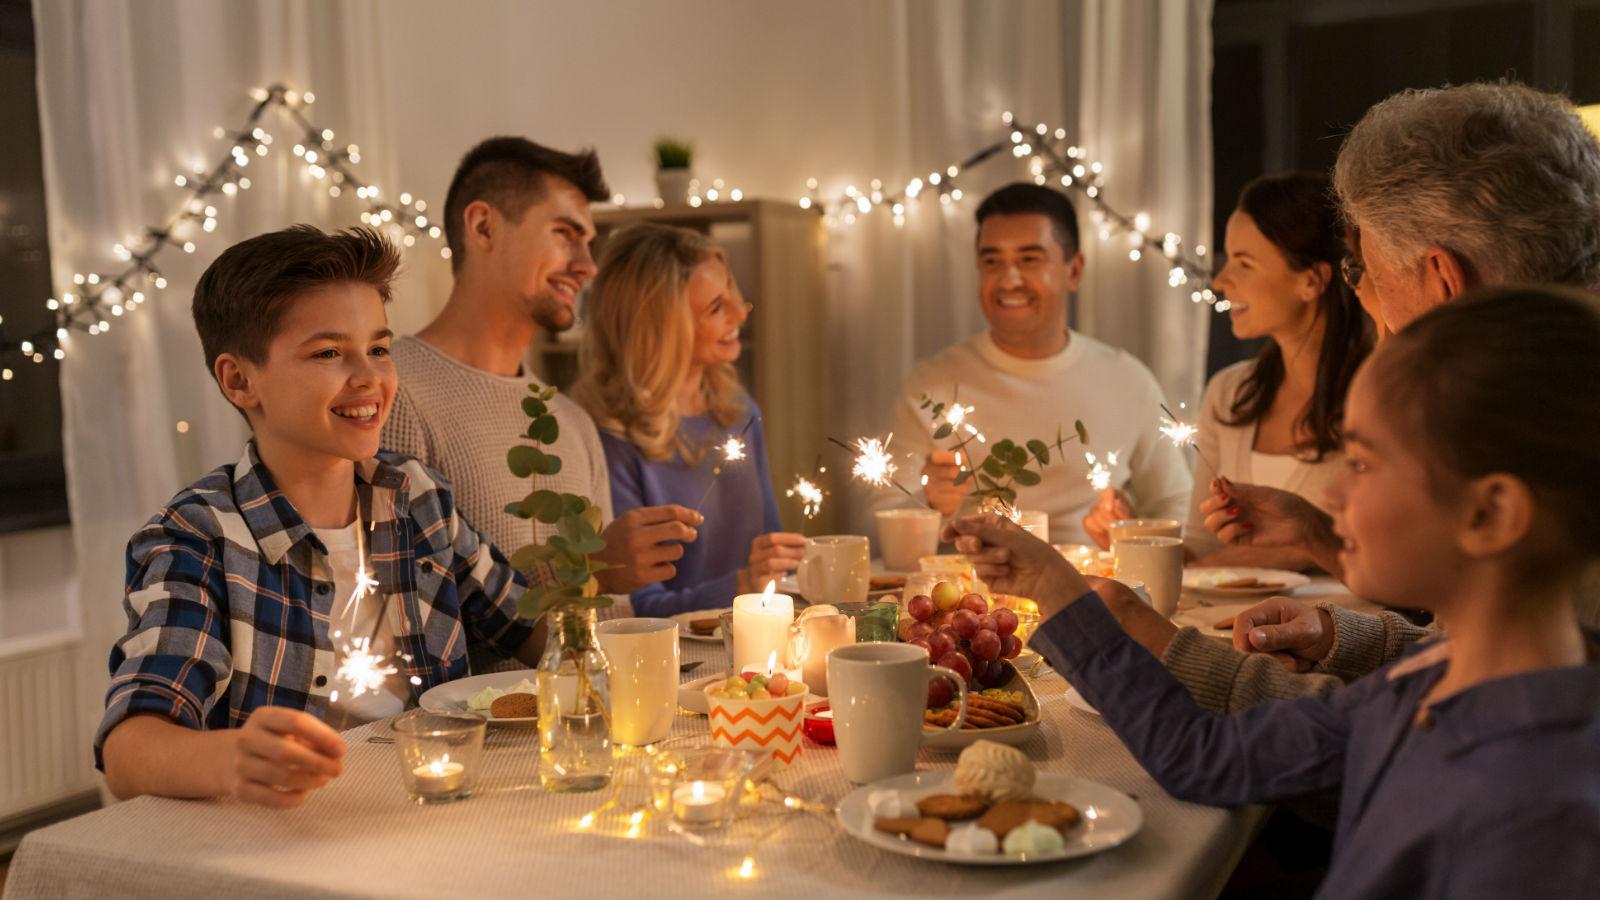 Fiestas divertidas y sanas. Medidas para evitar la contaminación de los alimentos.